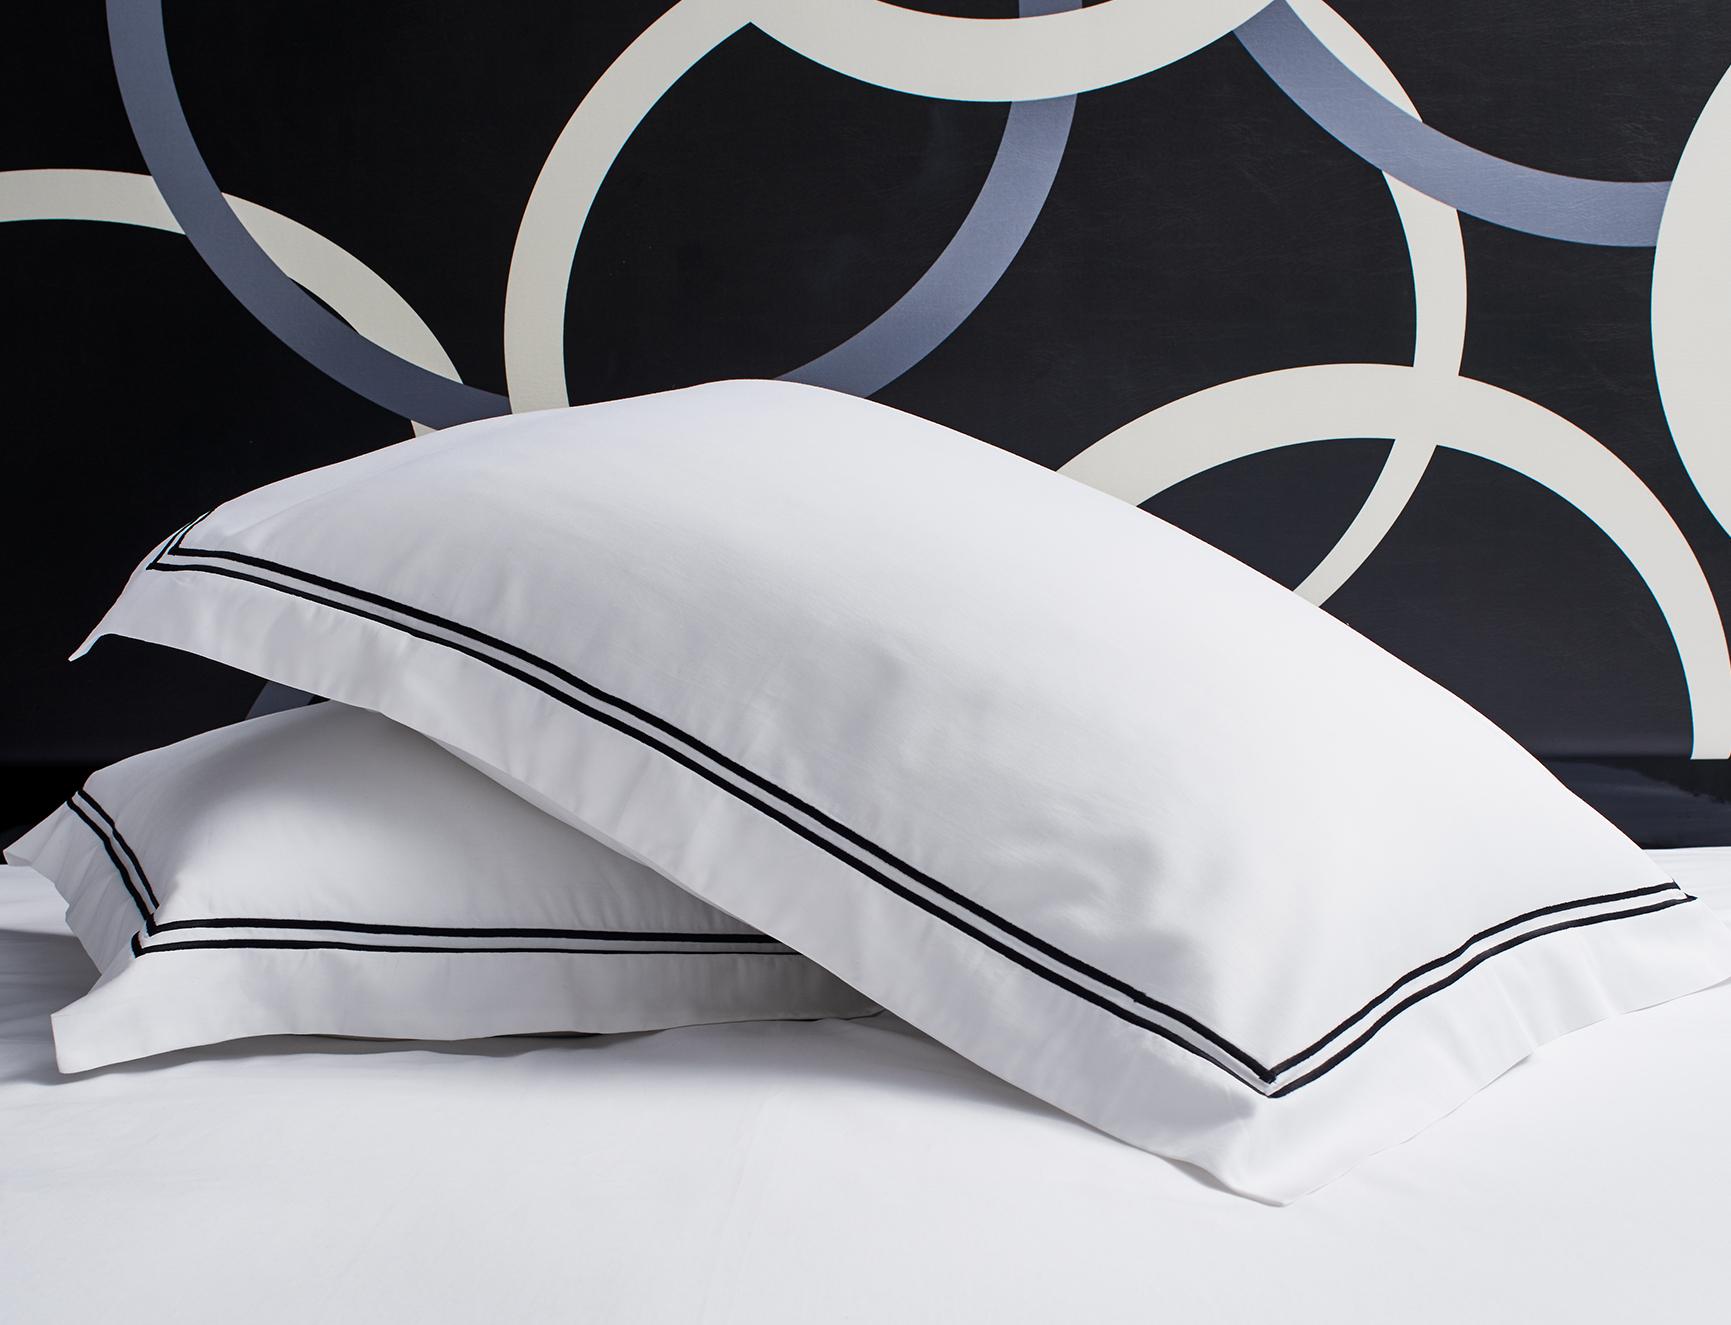 black embroidered pillow shams  kimpton style - black embroidered pillow shams